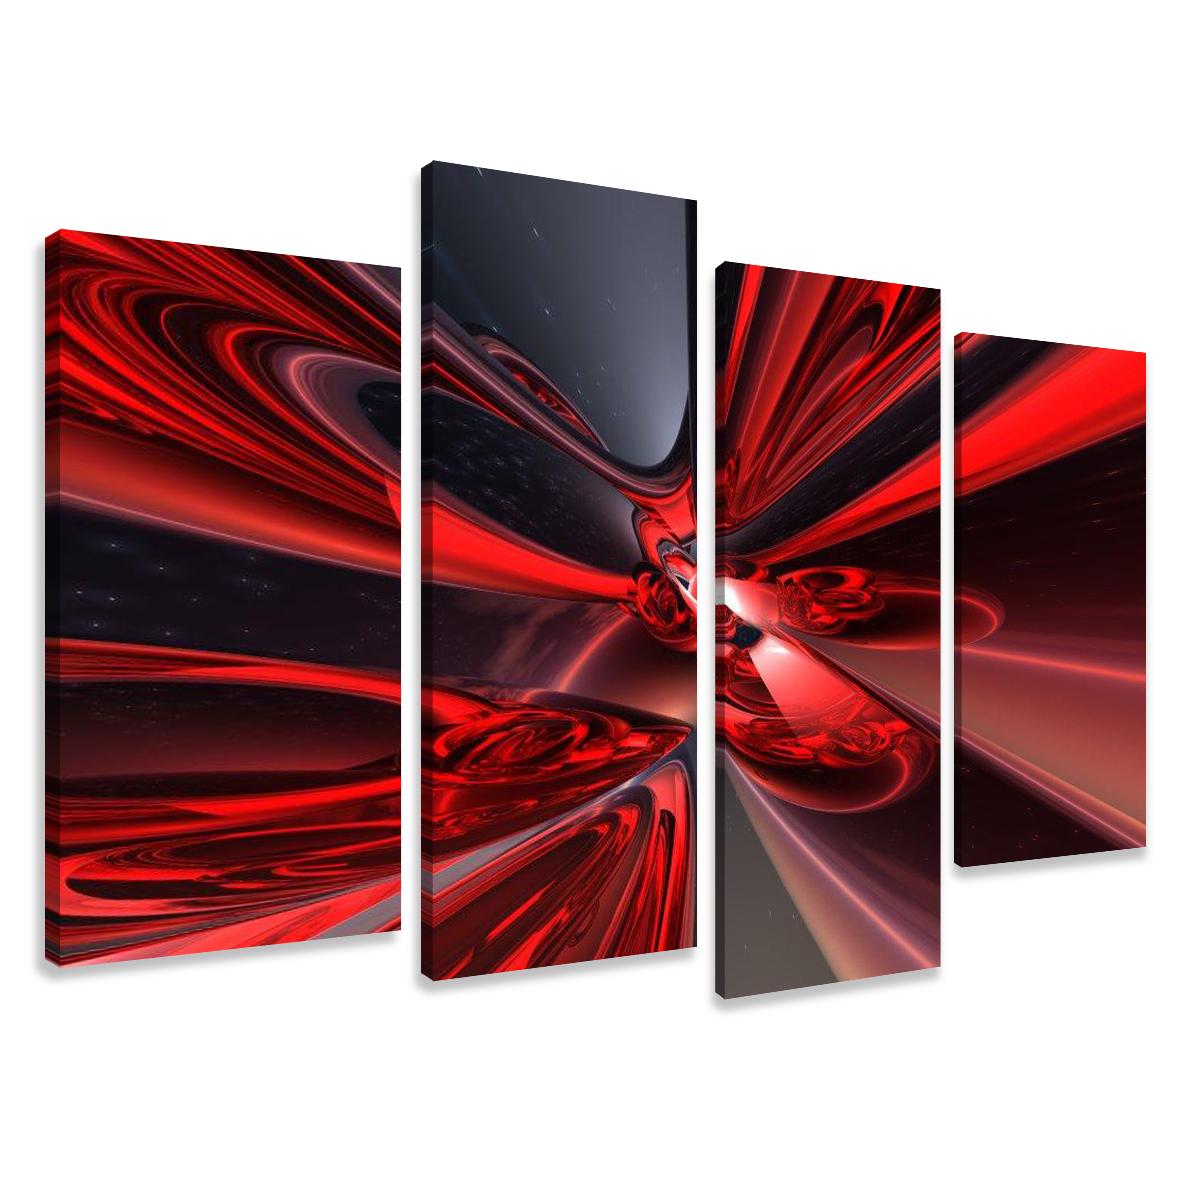 bilder marken bild leinwand auf rahmen fantasie 130cm xxl 4 6137 ebay. Black Bedroom Furniture Sets. Home Design Ideas